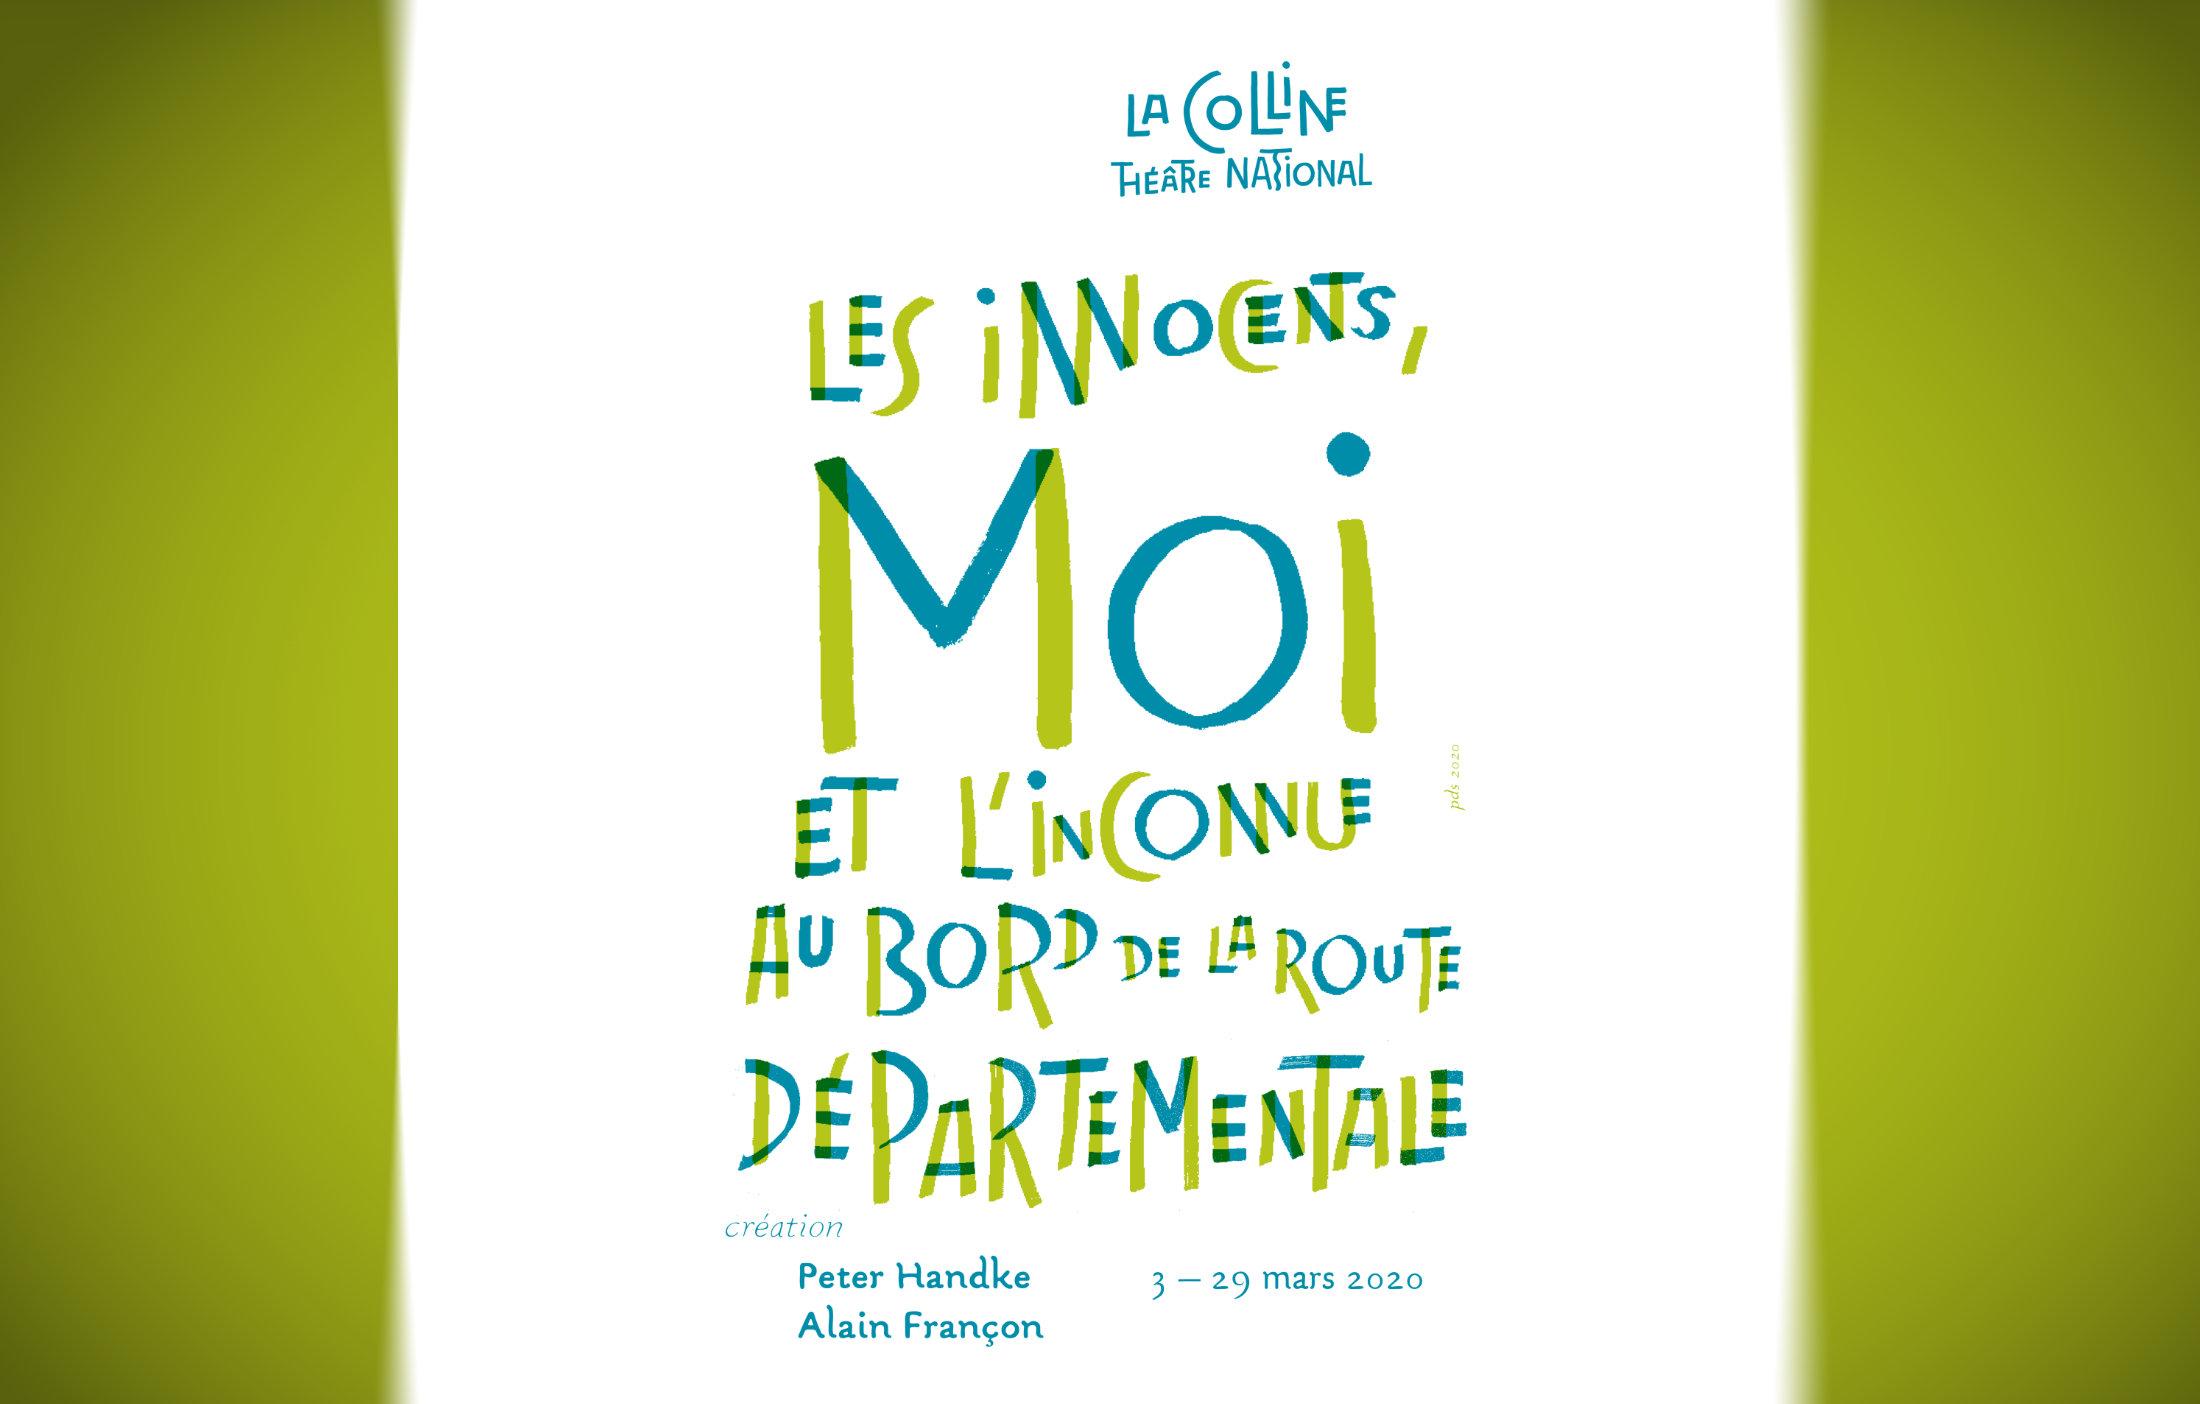 Les-Innocents-Moi-et-l-Inconnue-au-bord-de-la-route-departementale@2x